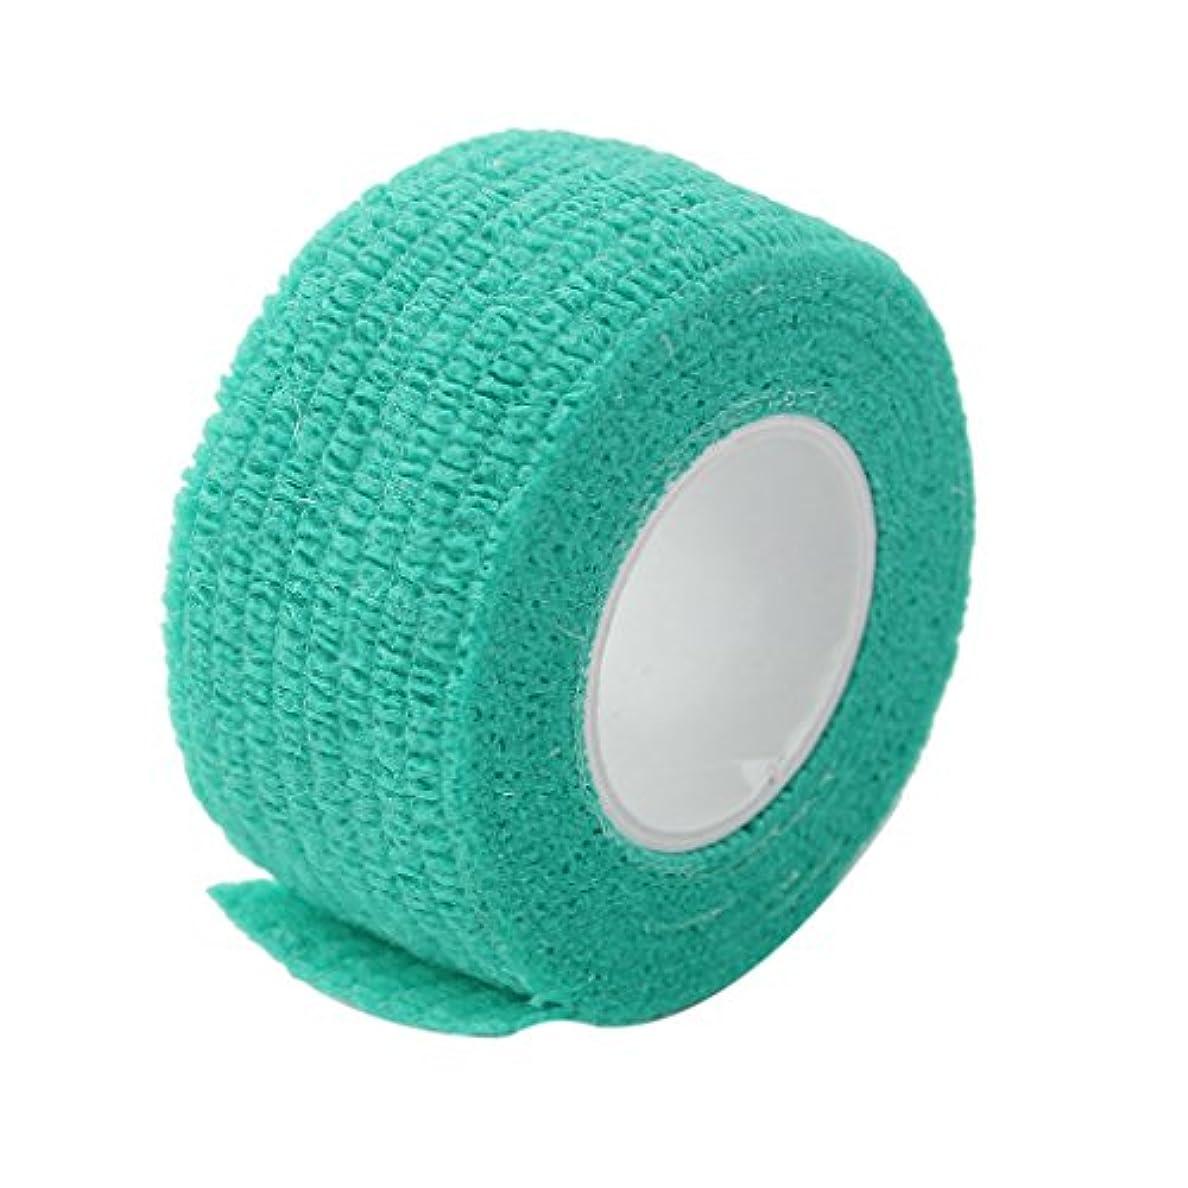 分泌するに応じて骨髄ノーブランド品 不織布 粘着 柔軟 弾性 テープ 包帯 ラップ 8種類選べる - 緑2.5cm